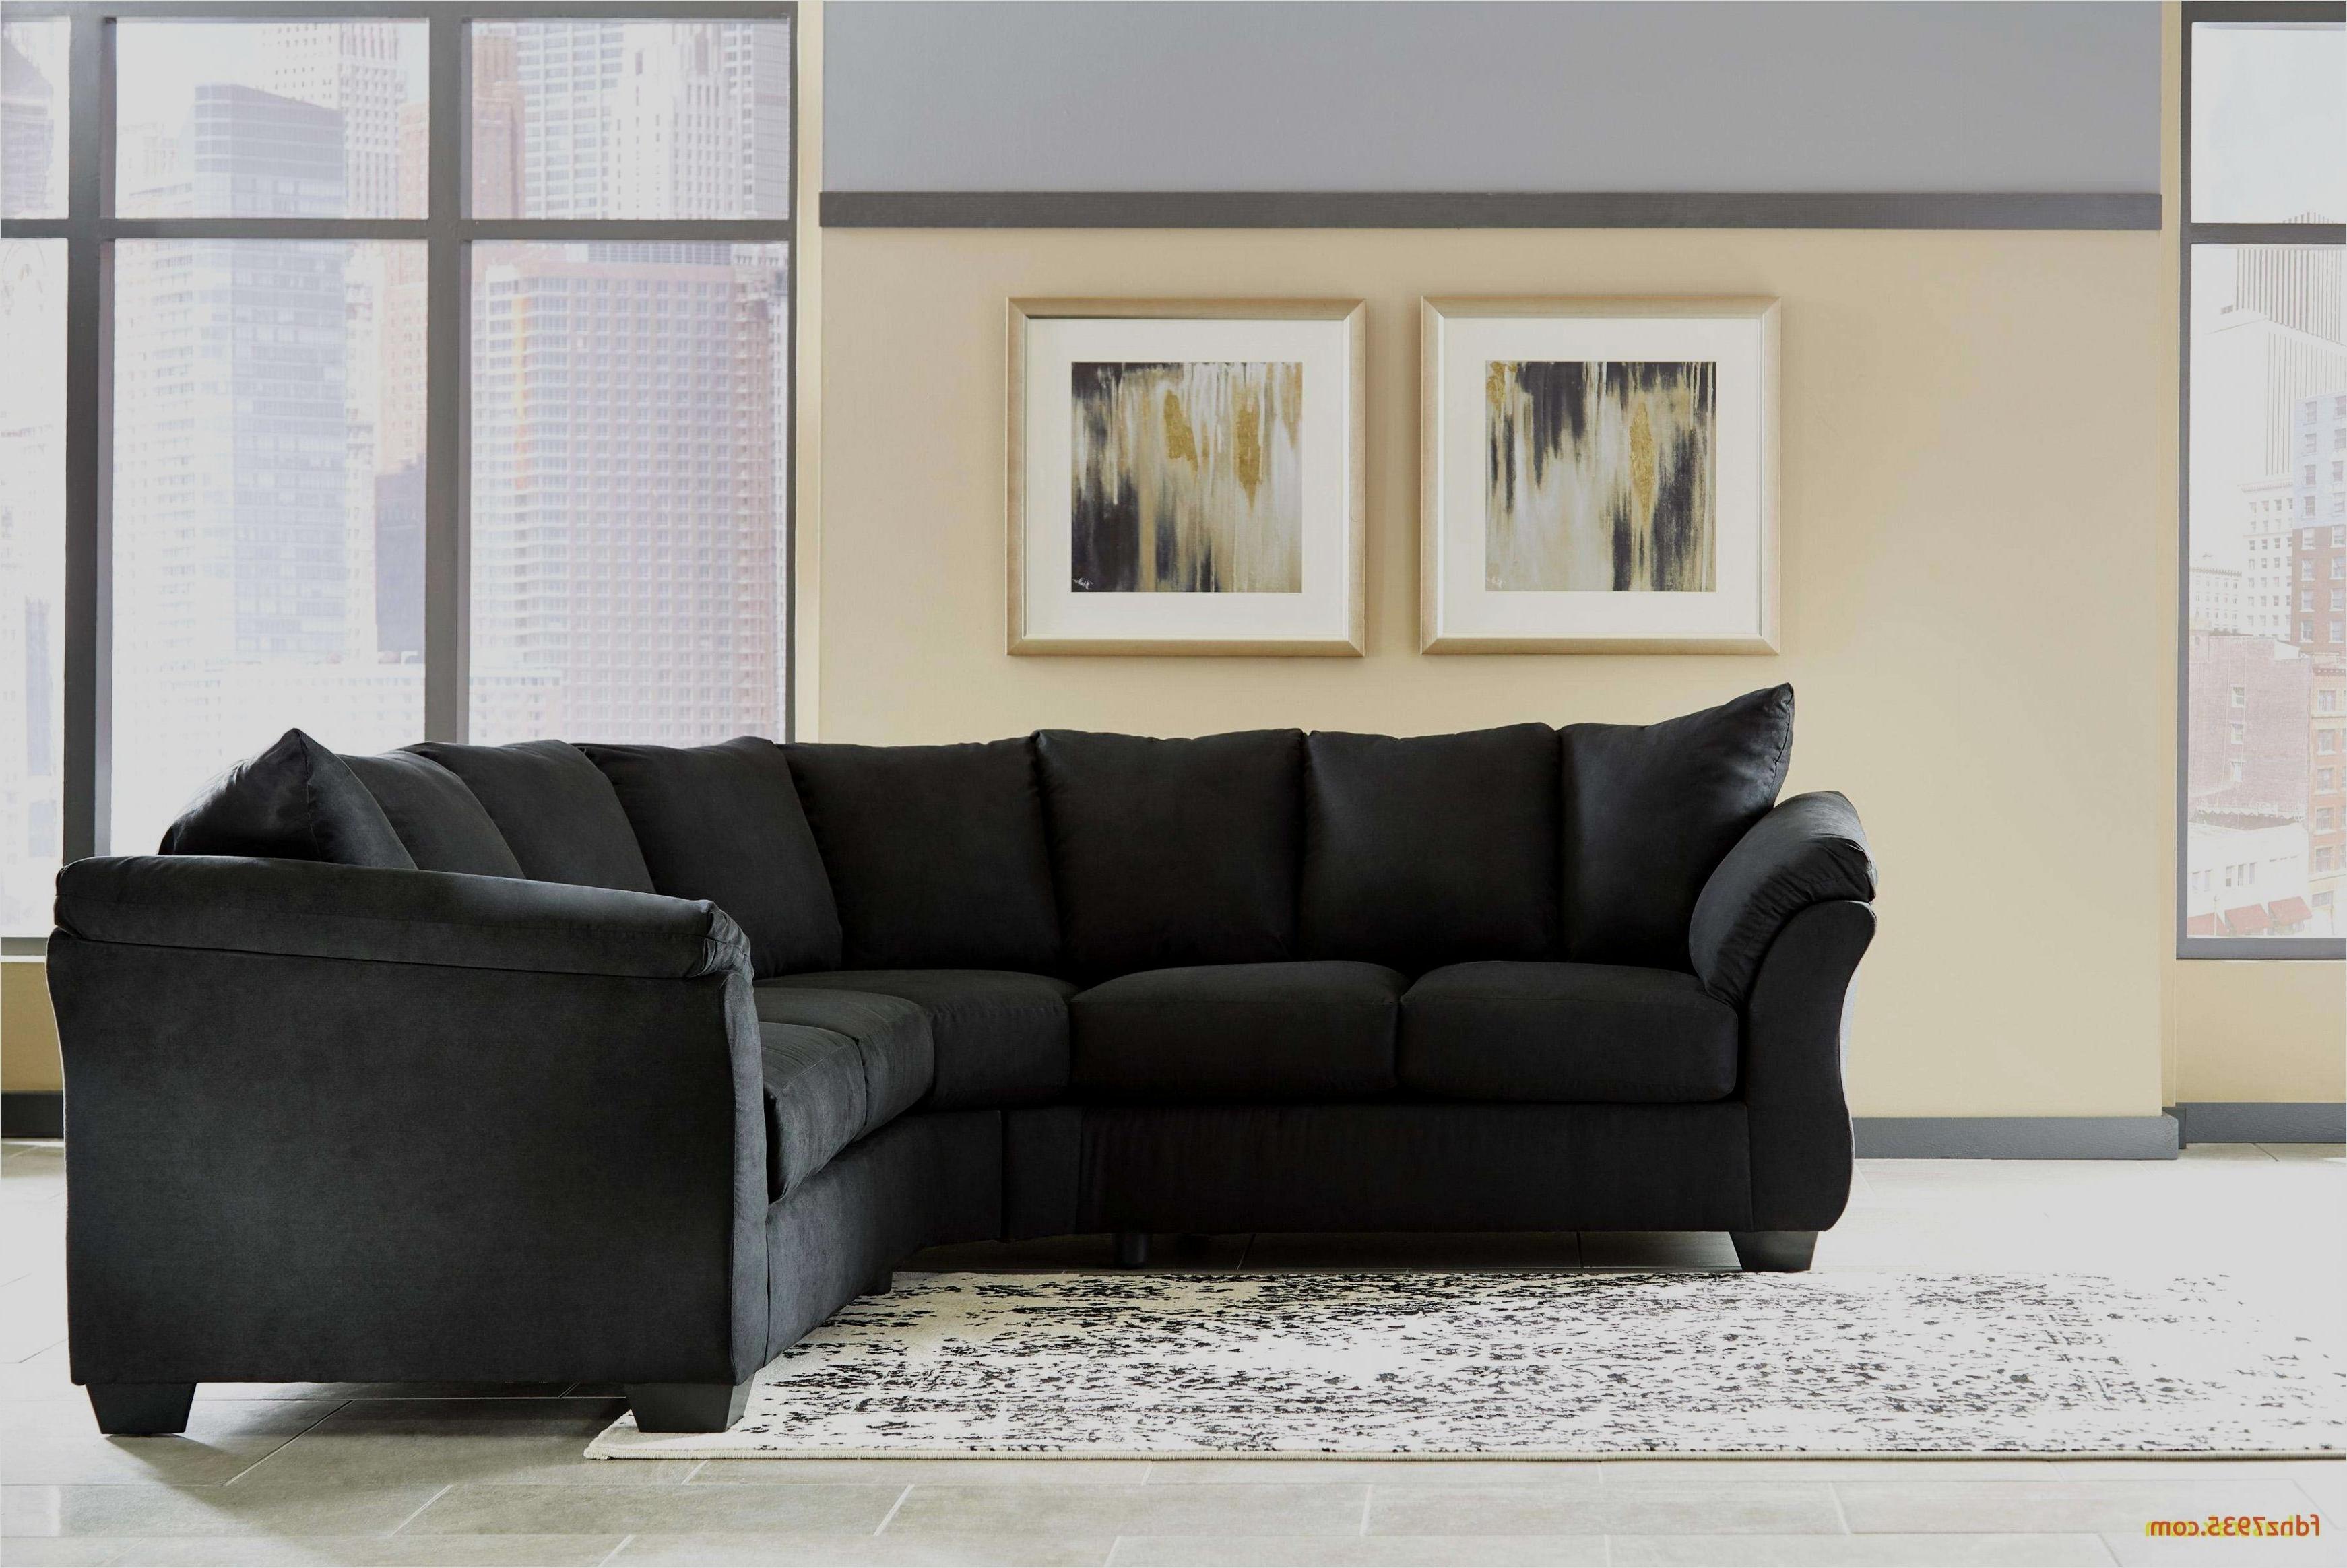 Sofa Rinconera Conforama S5d8 sofa Rinconera Conforama Magnifico sofa Con Puff Chaise